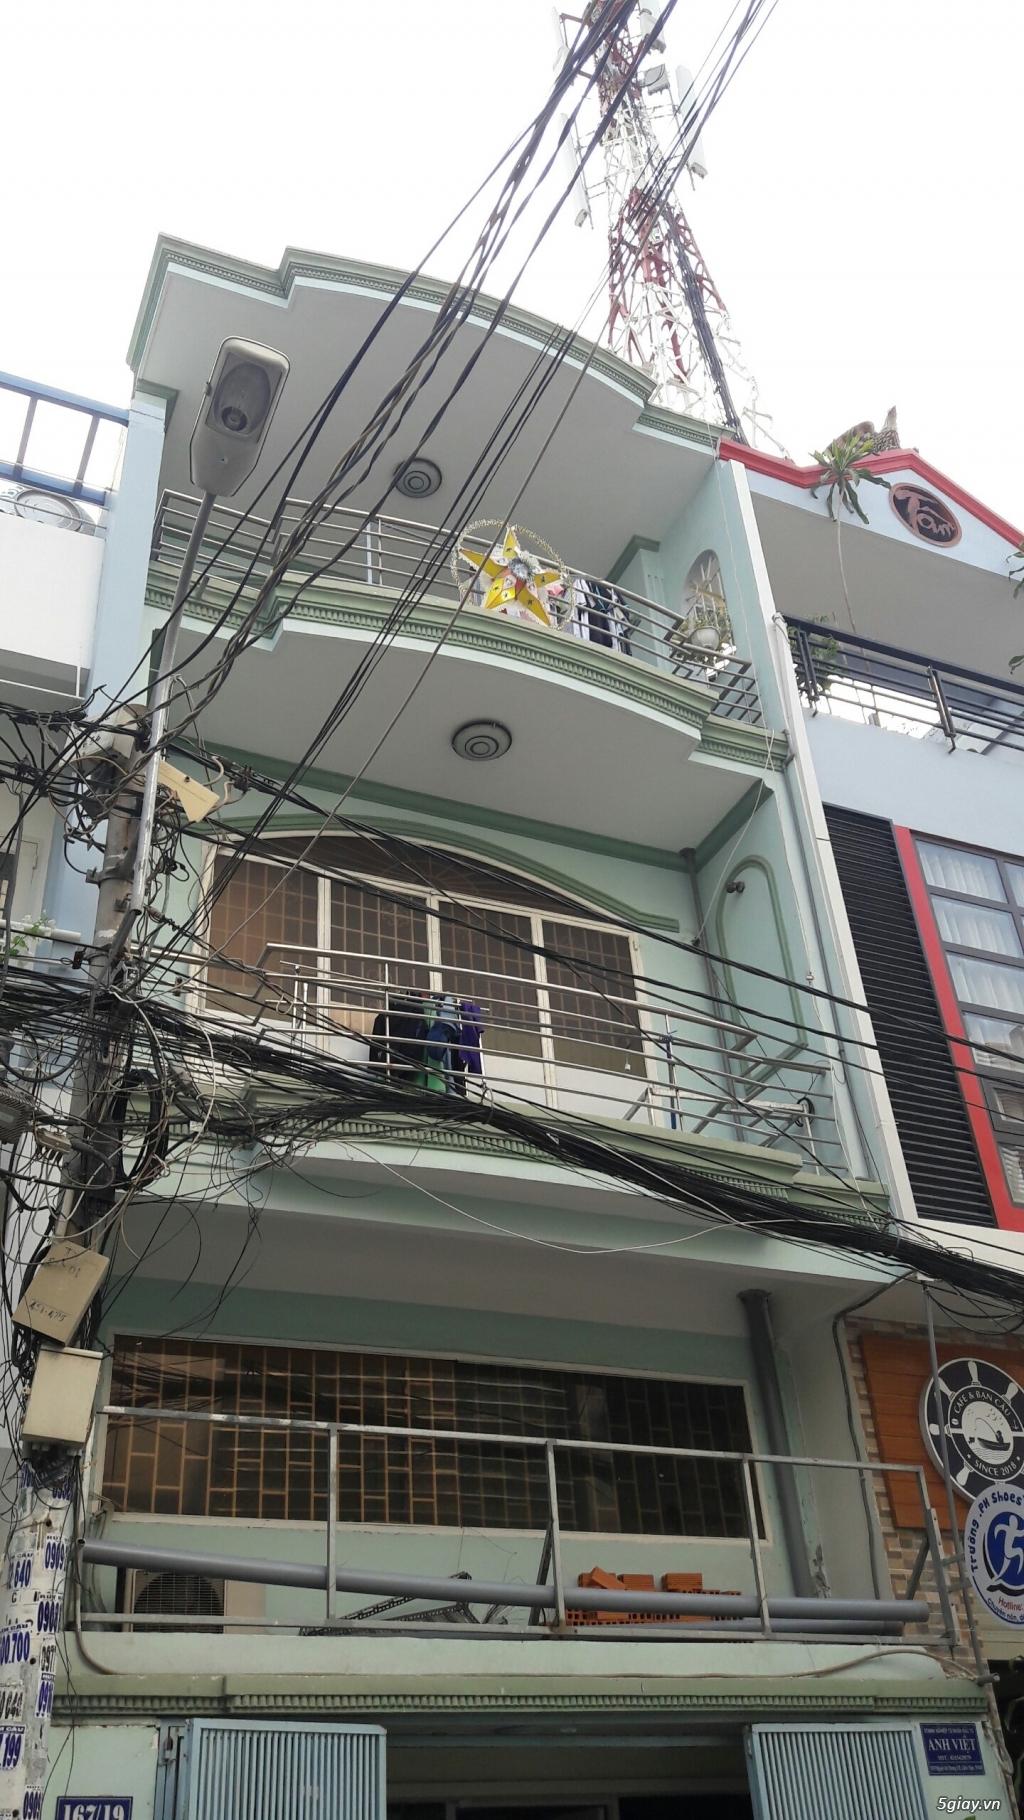 Cho thuê phòng tại 167/19 đường Nguyễn Văn Thương, Bình Thạnh - 4